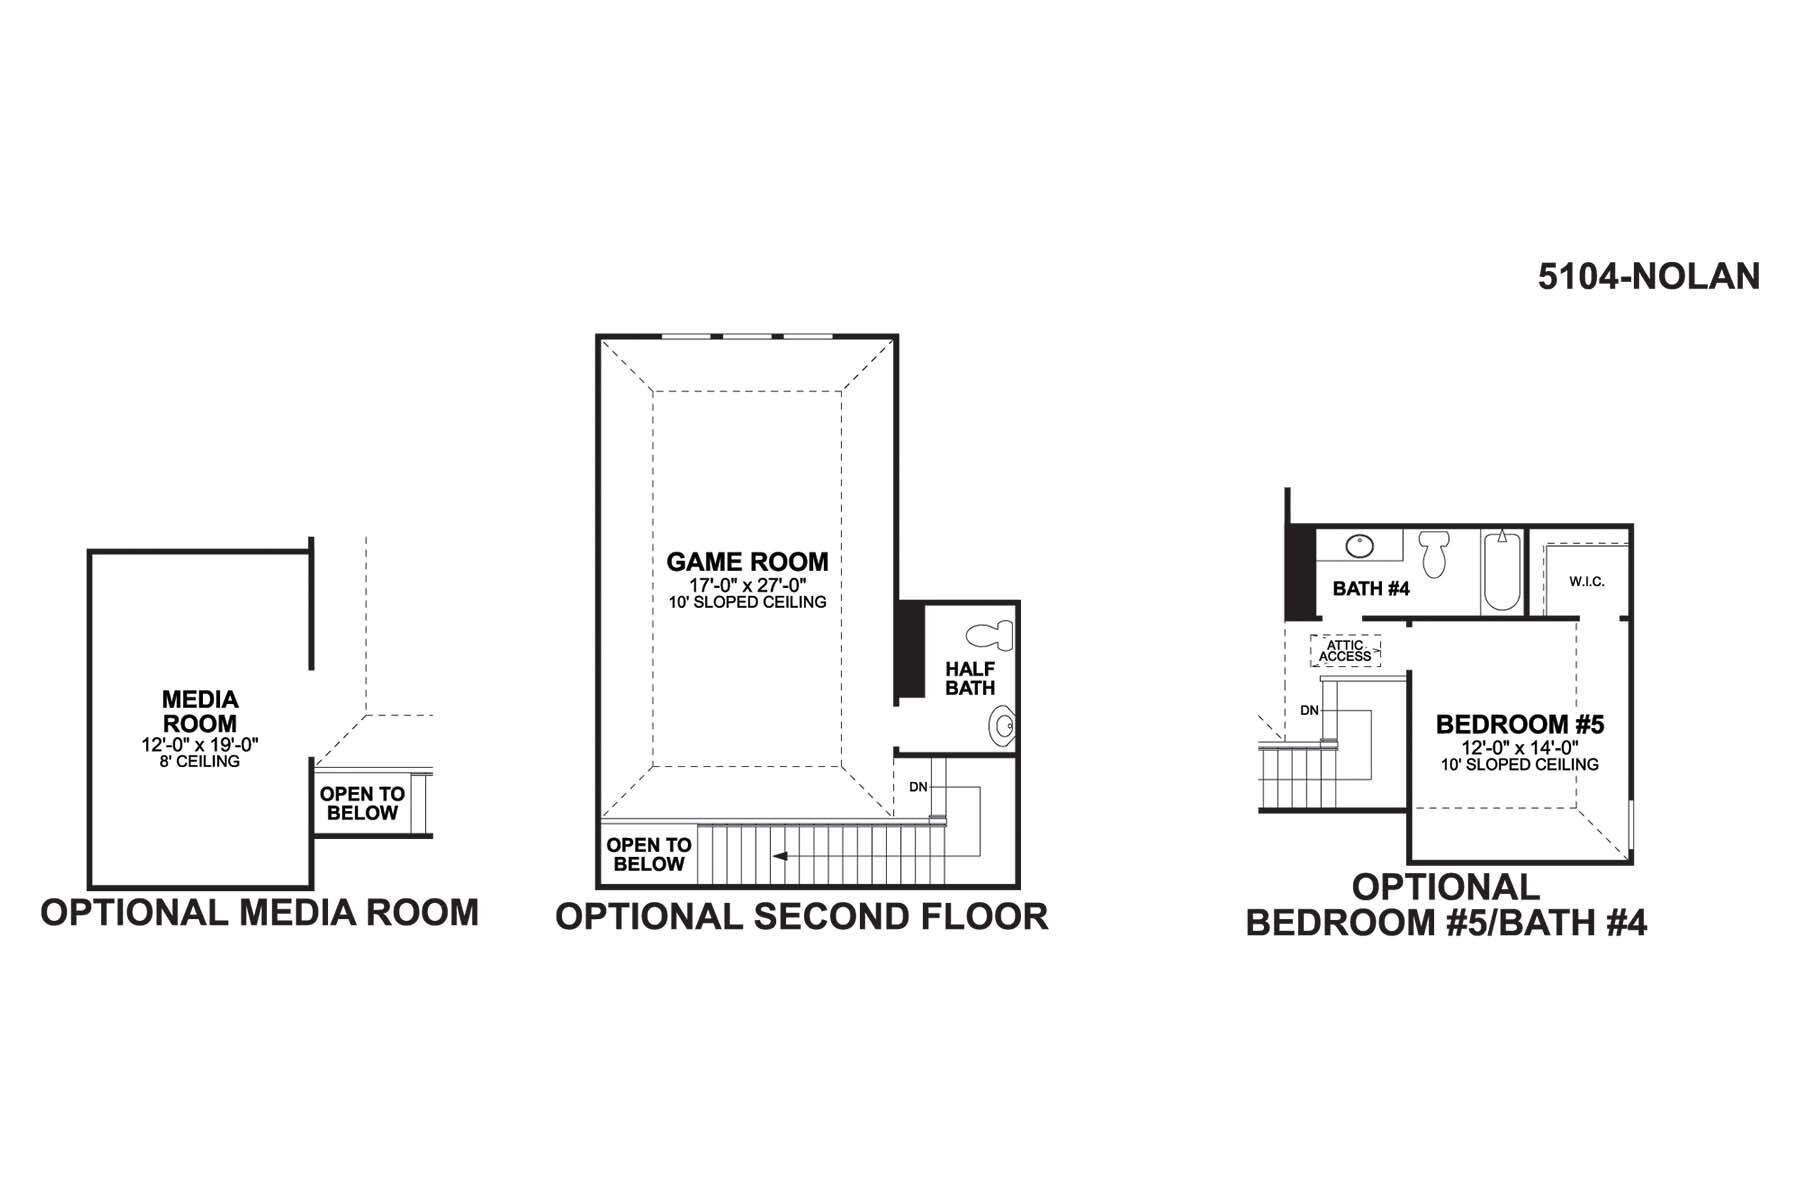 Nolan Second Floor Options